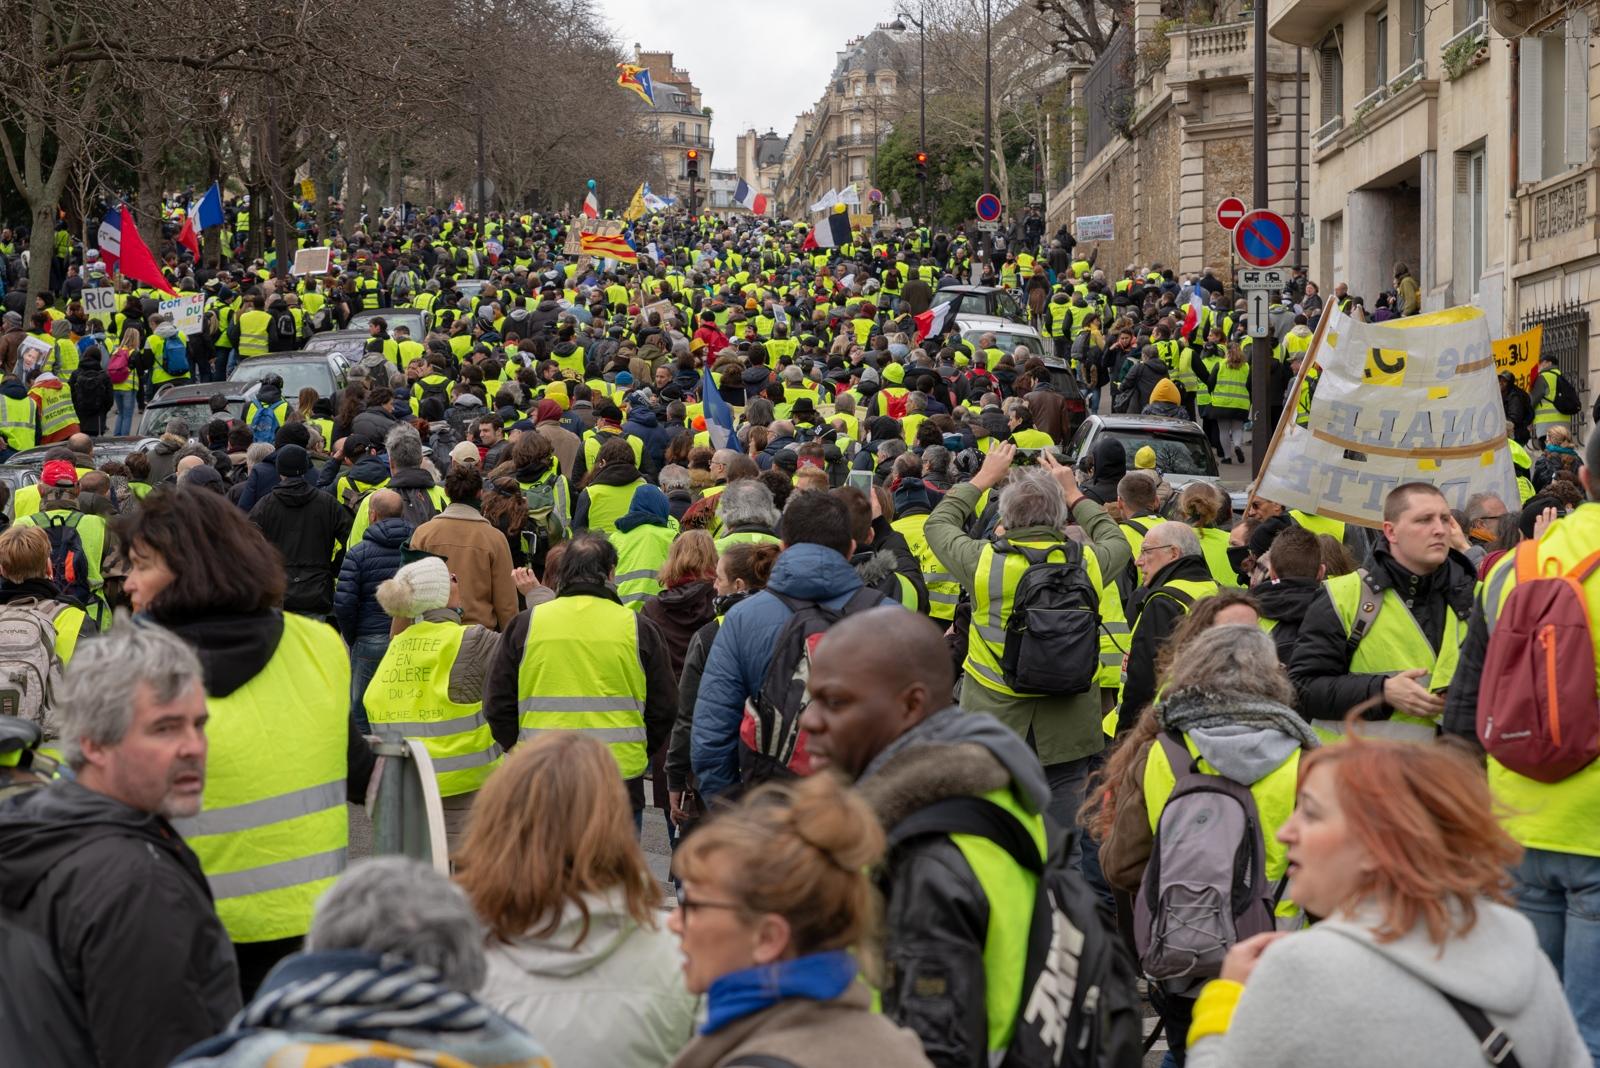 Malgré la répression les Gilets Jaunes continuent à manifester. Le 2 mars 2019, jour de la seizième semaine de mobilisation, ils étaient plusieurs milliers à défiler à Paris formant une foule hétérogène, imprévisible et insaisissable. Paris - Acte XVI - Avenue du président Wilson le 2 mars 2019